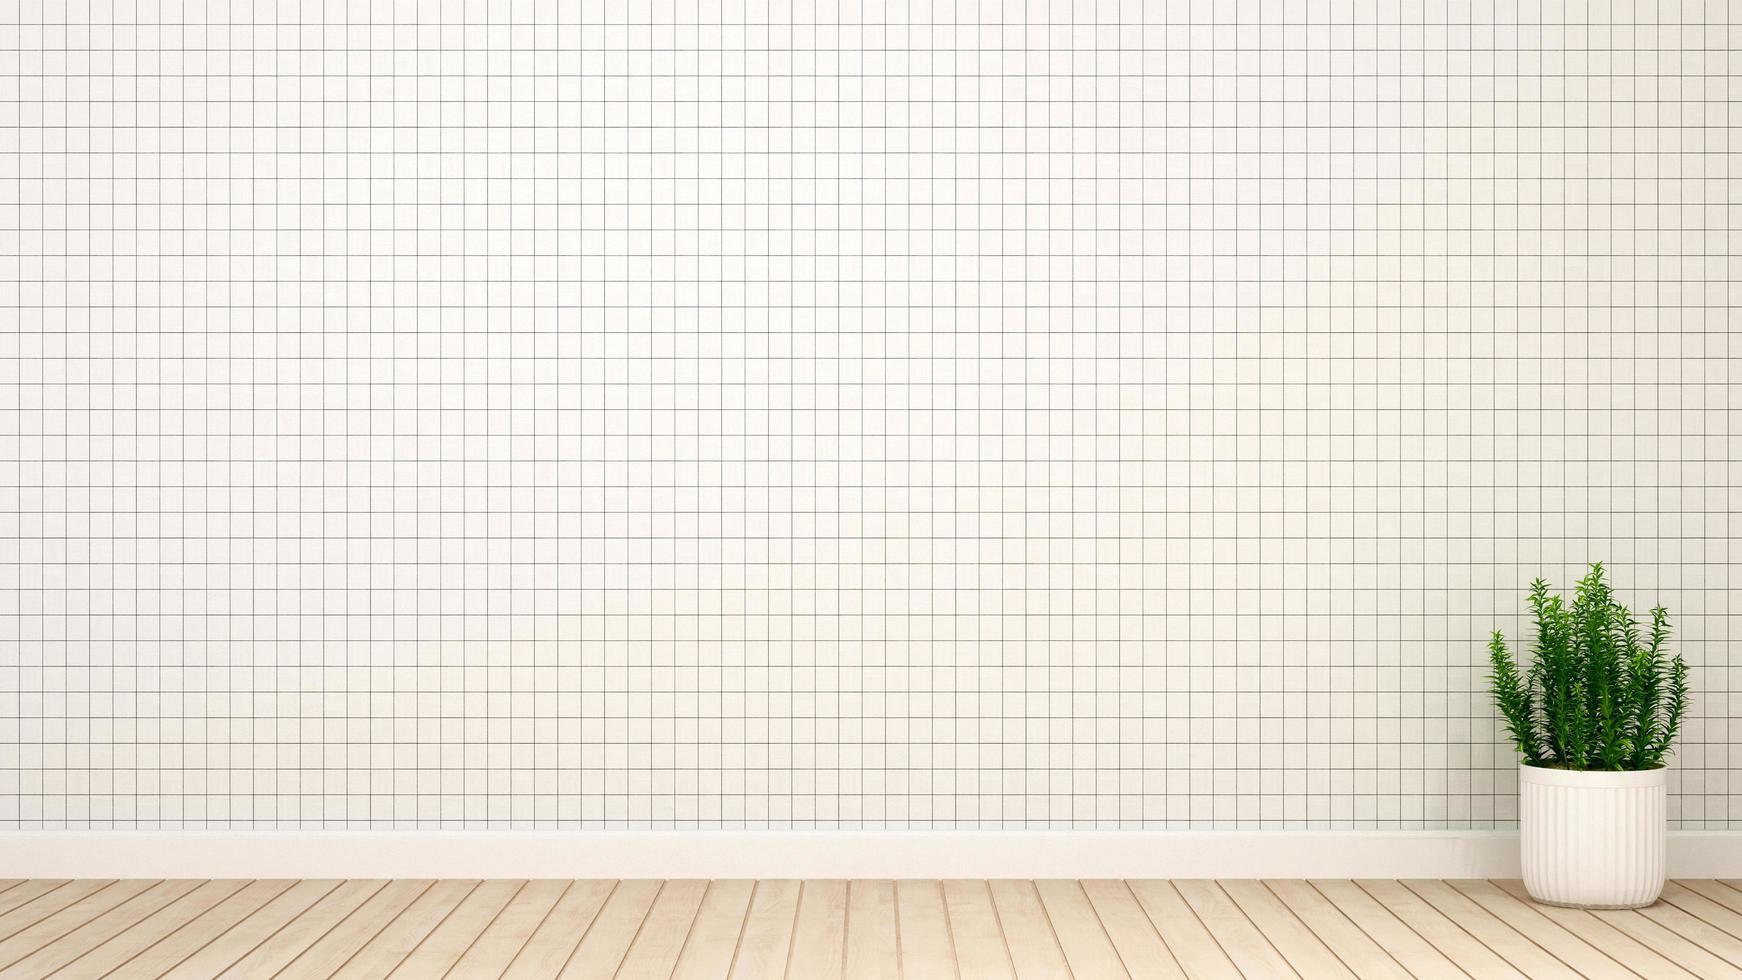 tono blanco de la habitación vacía para obras de arte foto